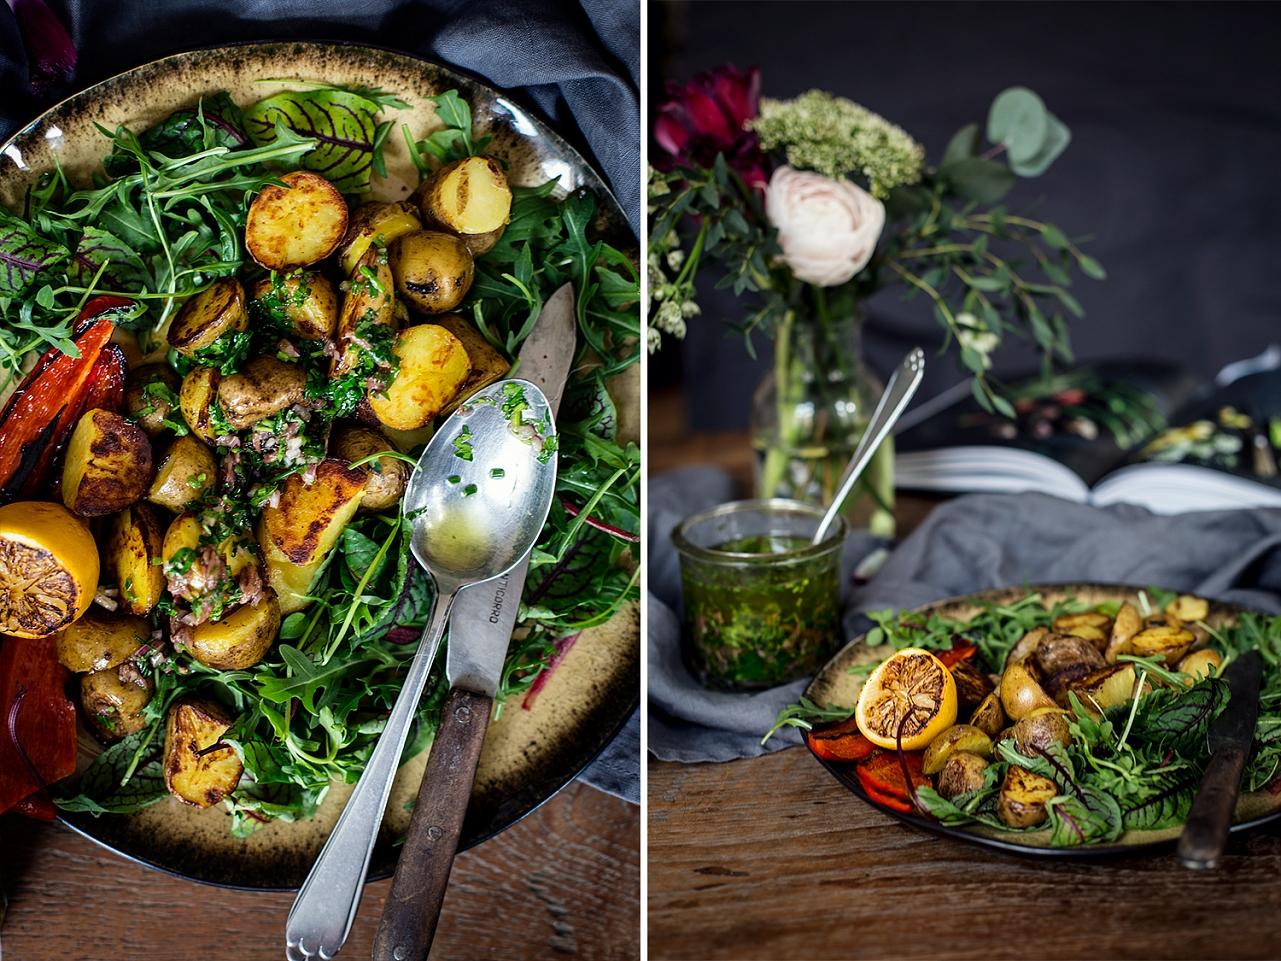 Jarní bramborový salát a bylinkový dresink s ančovičkami